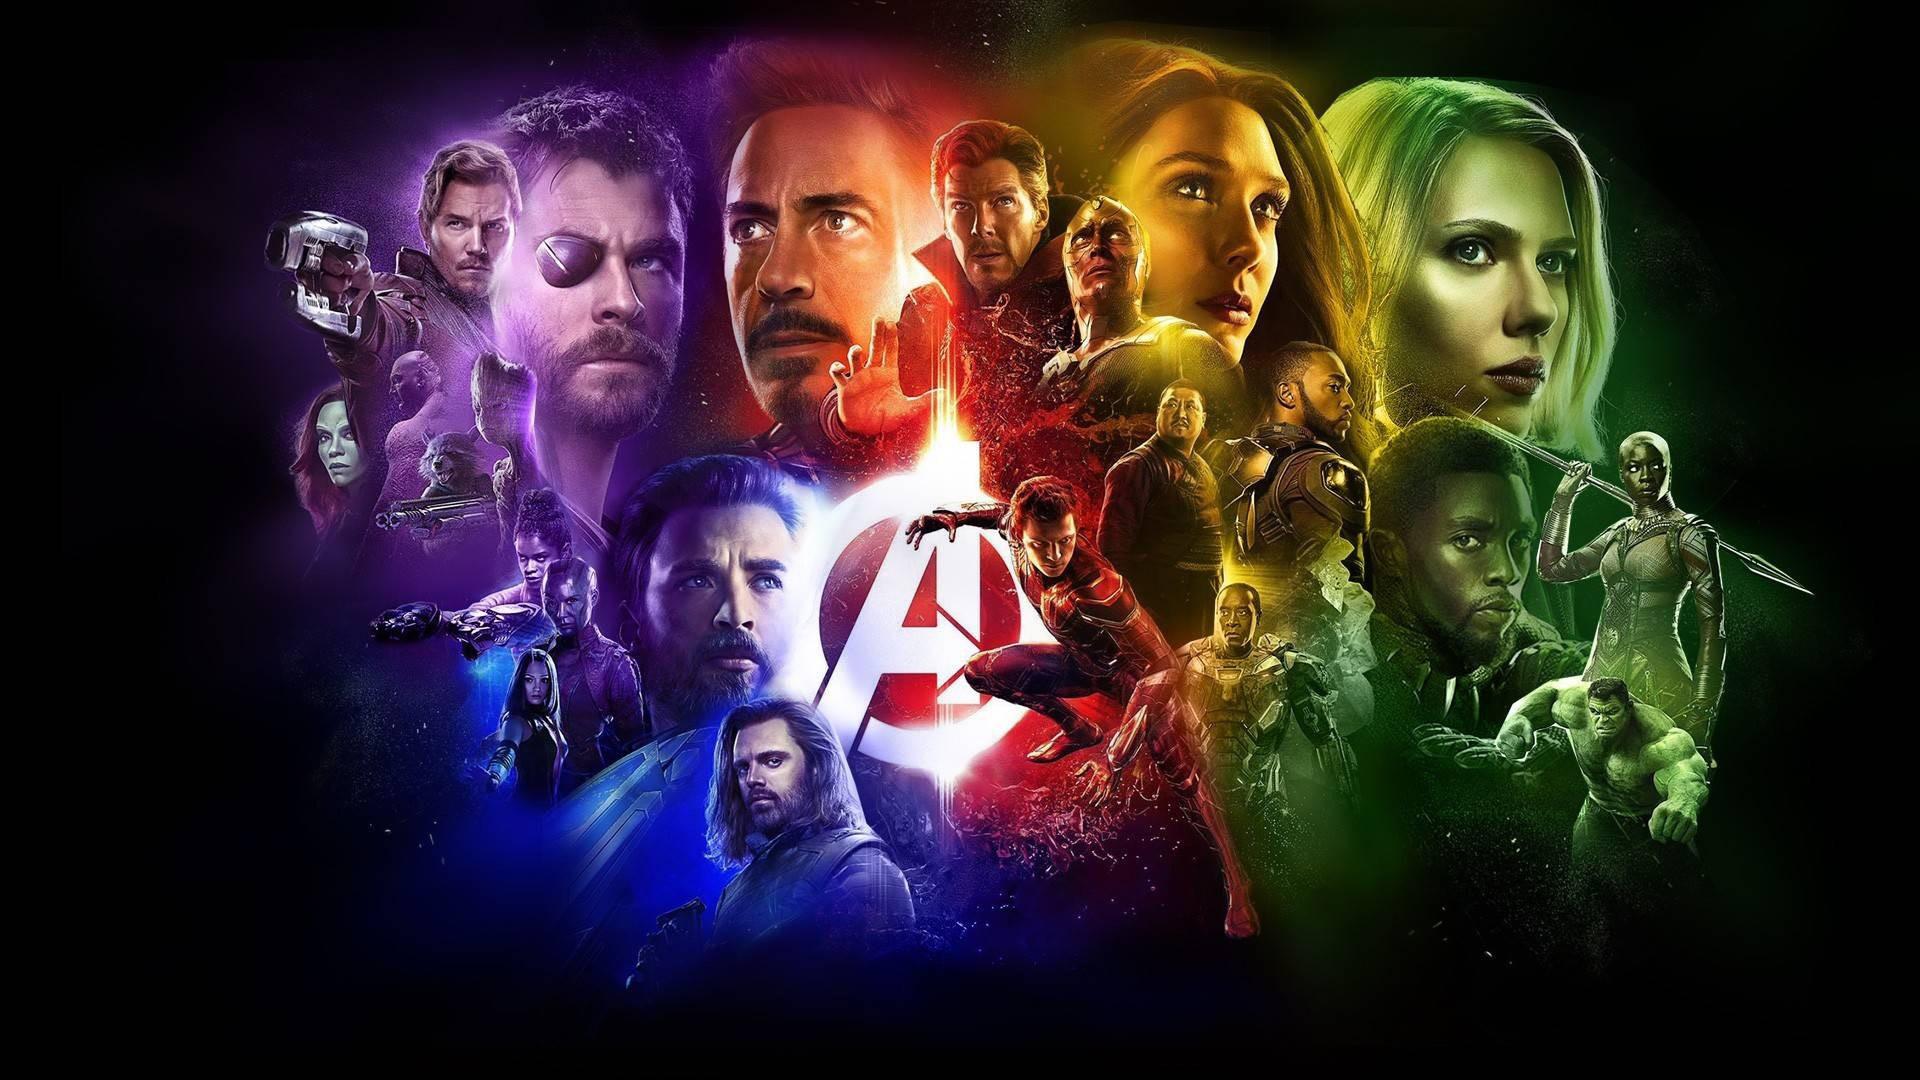 Мстители Война Бесконечности, Avengers Infinity War, фильмы, кино, full hd обои